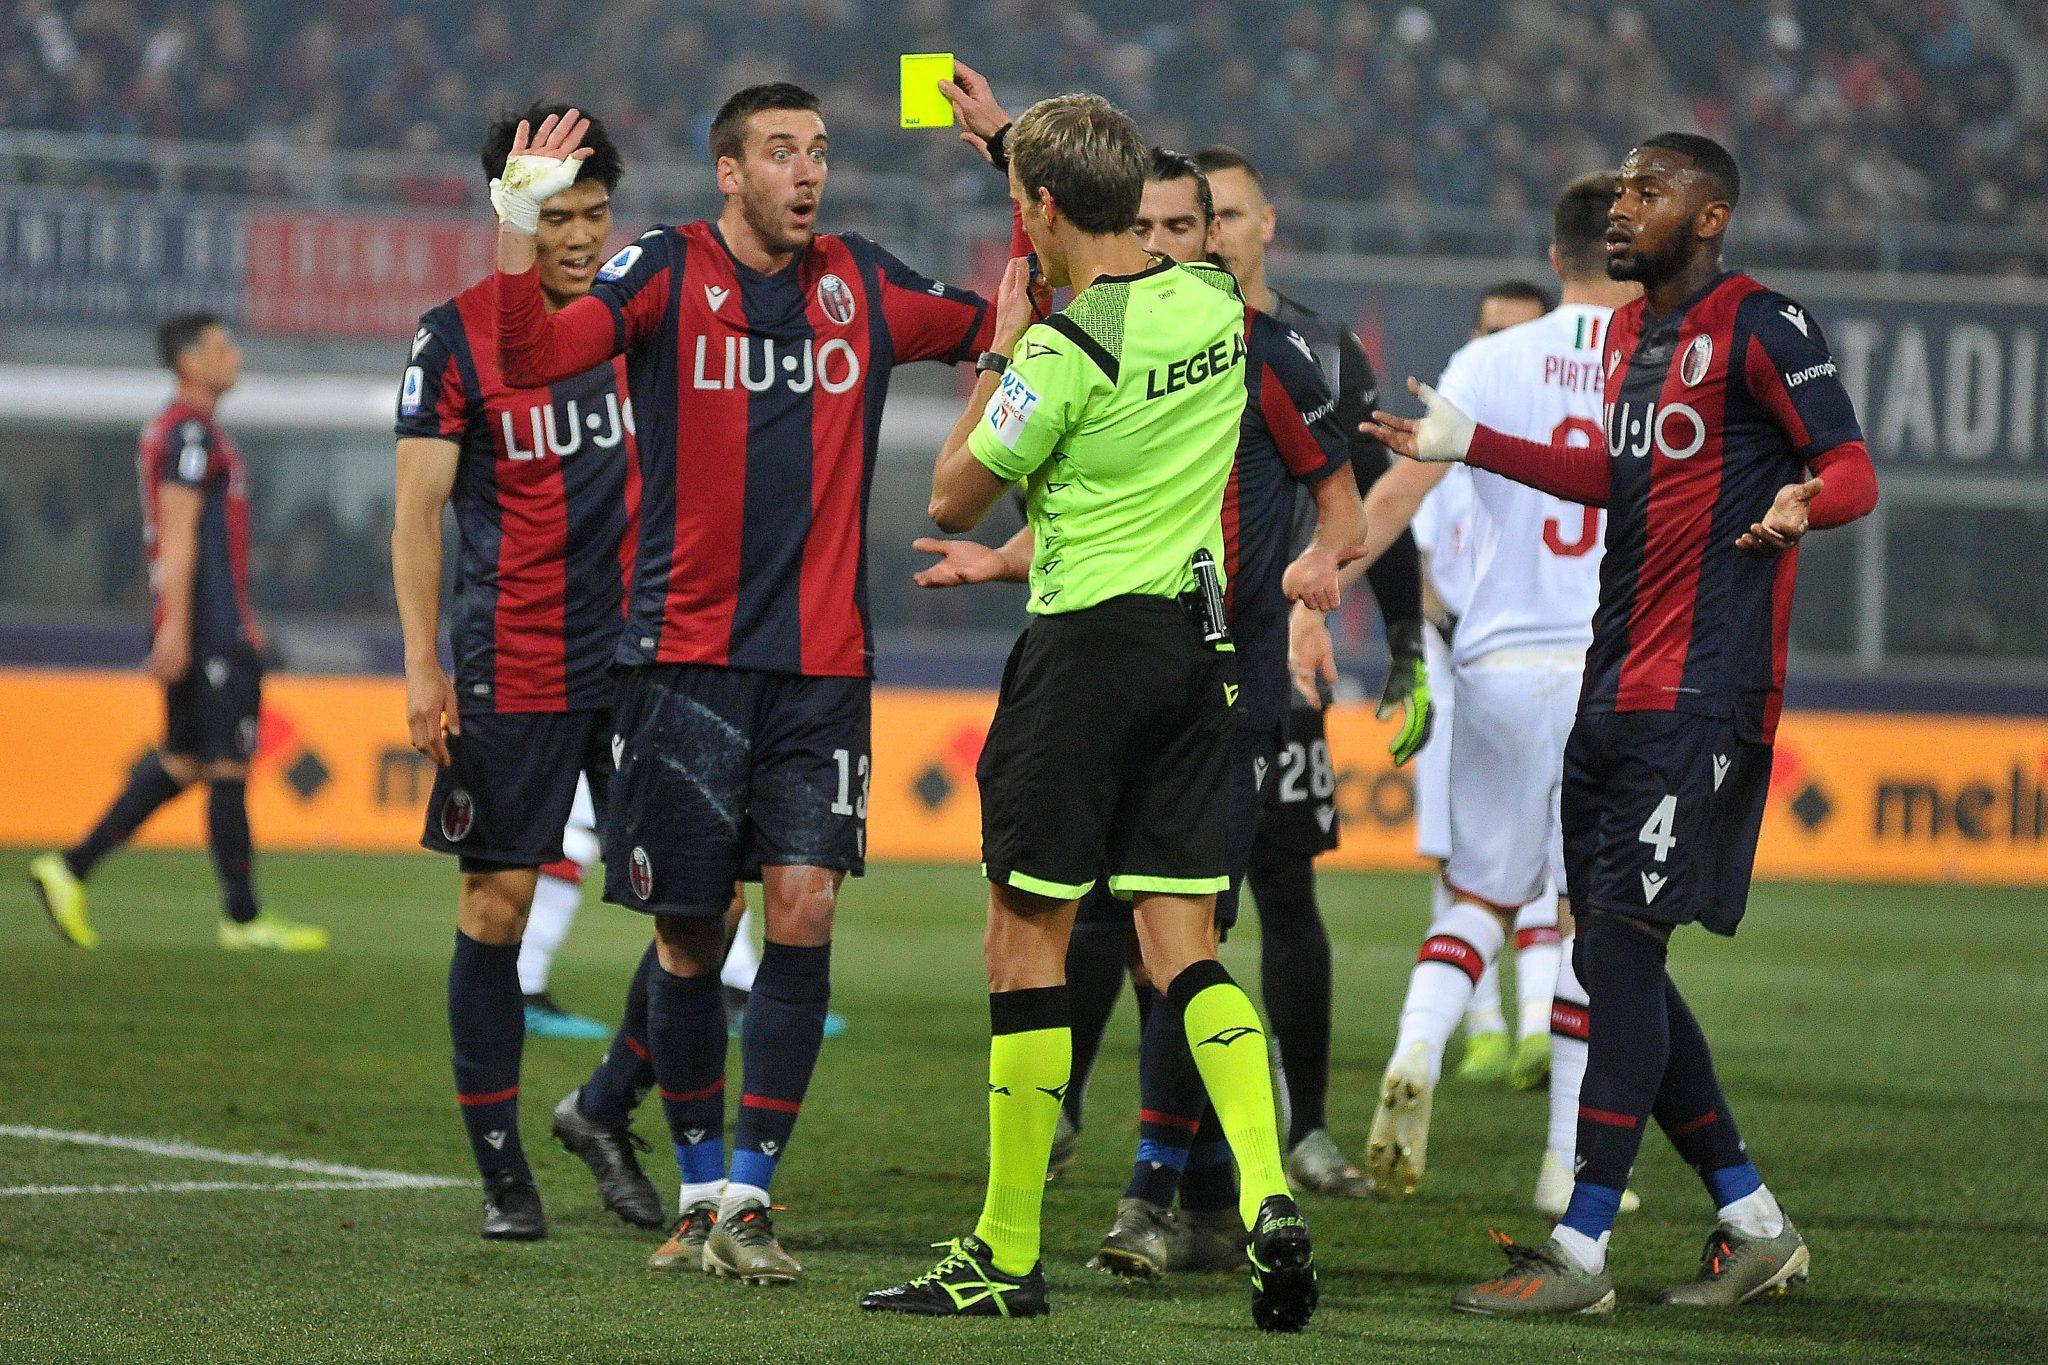 Bologna verliest van Milan bij emotionele terugkeer coach ...